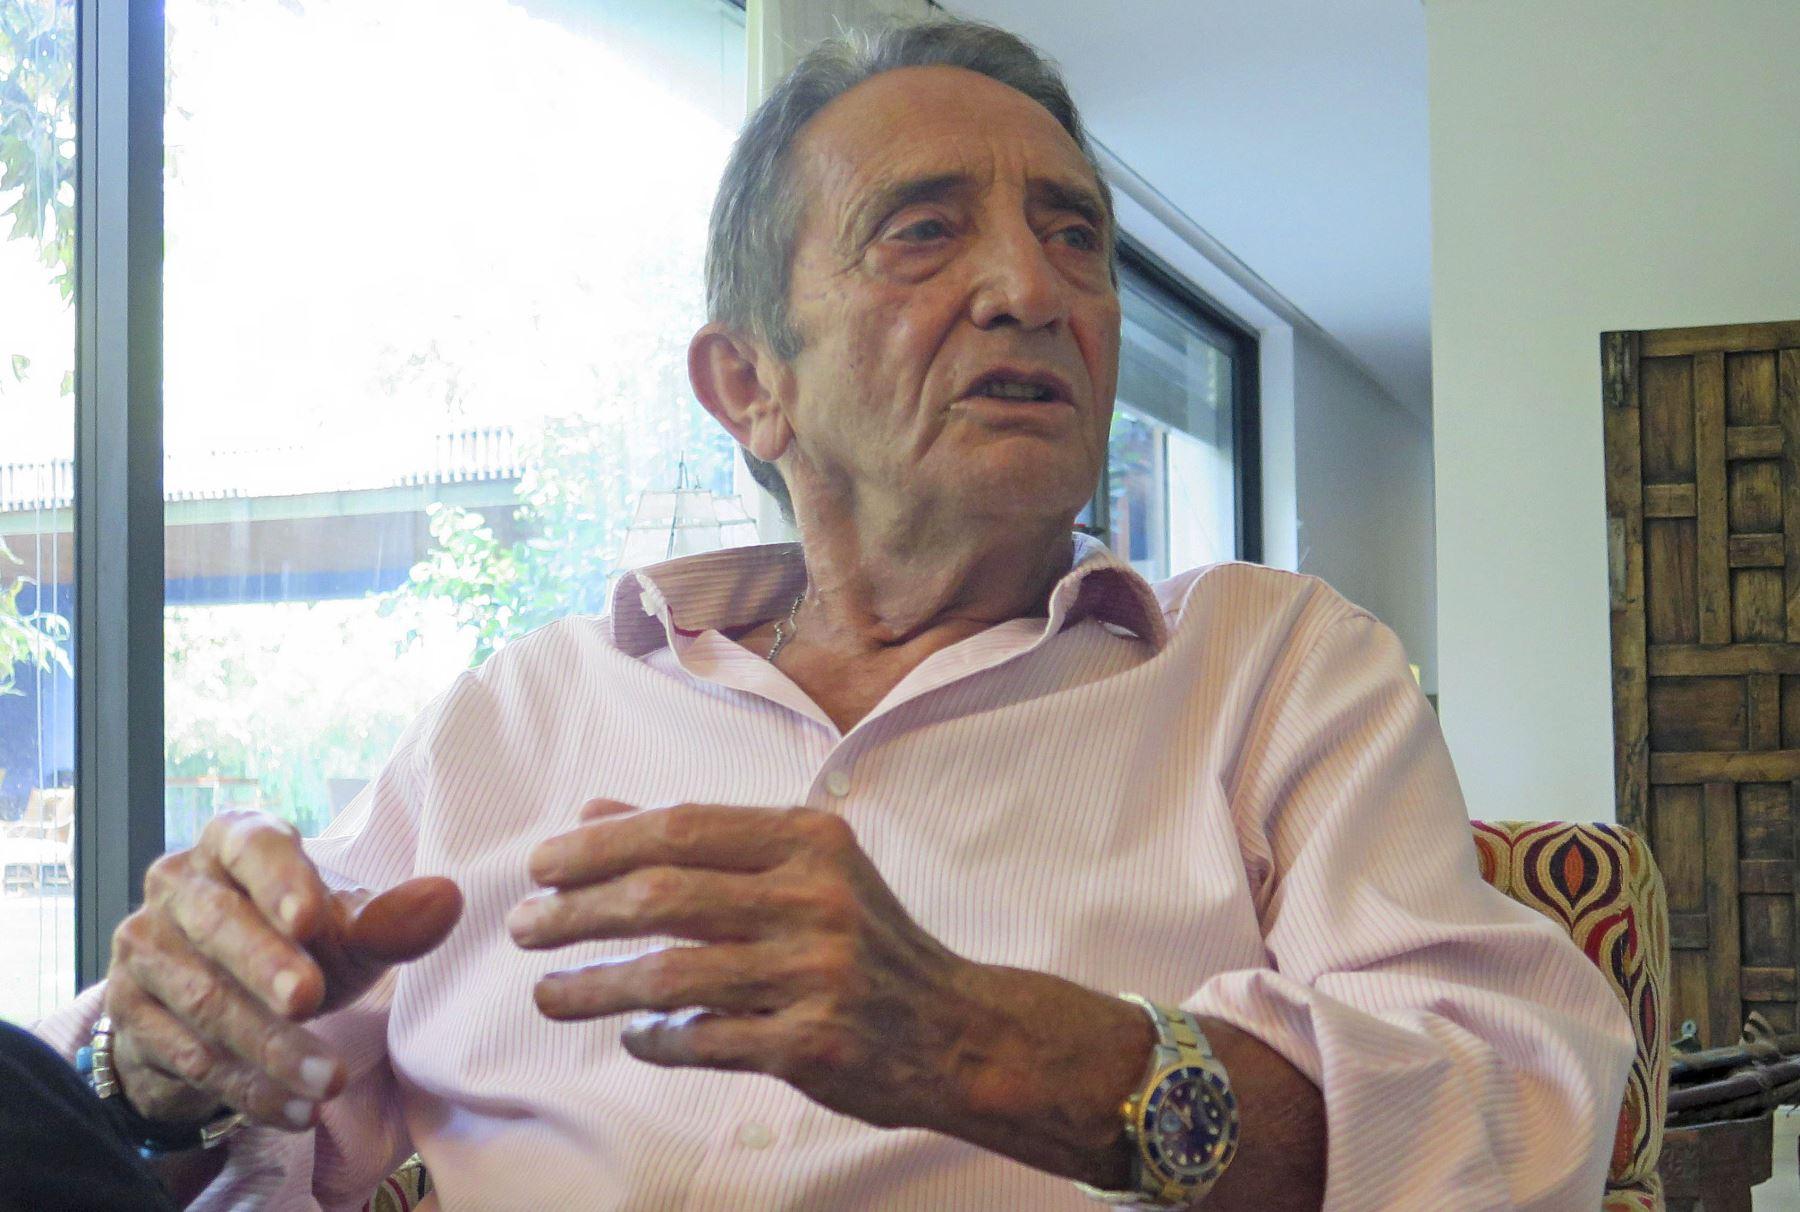 Cercado por las investigaciones, el empresario Yosef Maiman dijo ante las autoridades peruanas que él recibió el dinero pagado por Odebrecht al expresidente. Foto: EFE